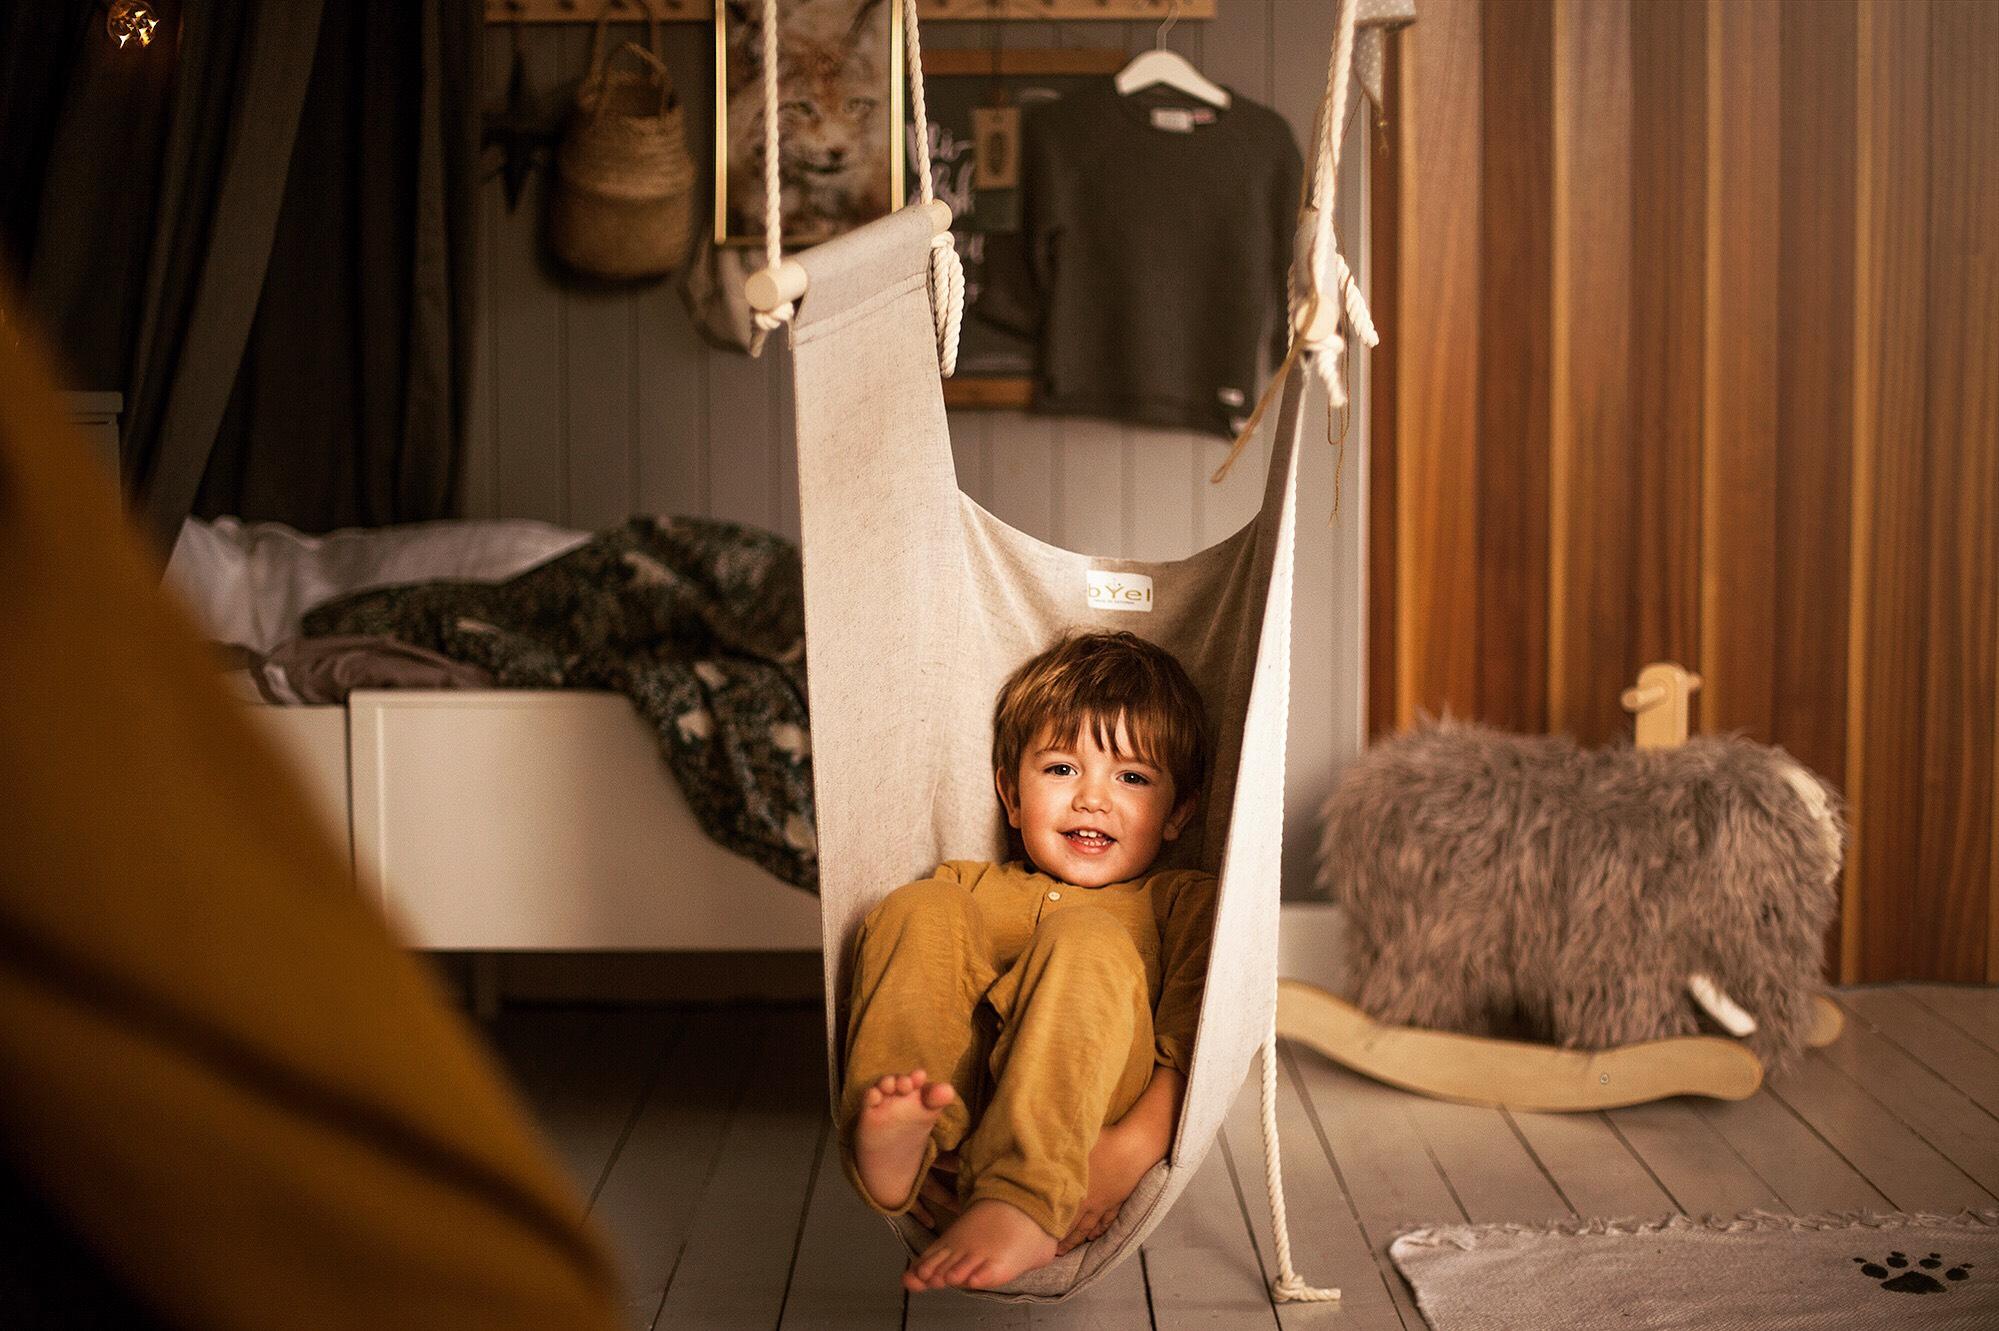 Inomhus hängstol för barn i naturell beige färg